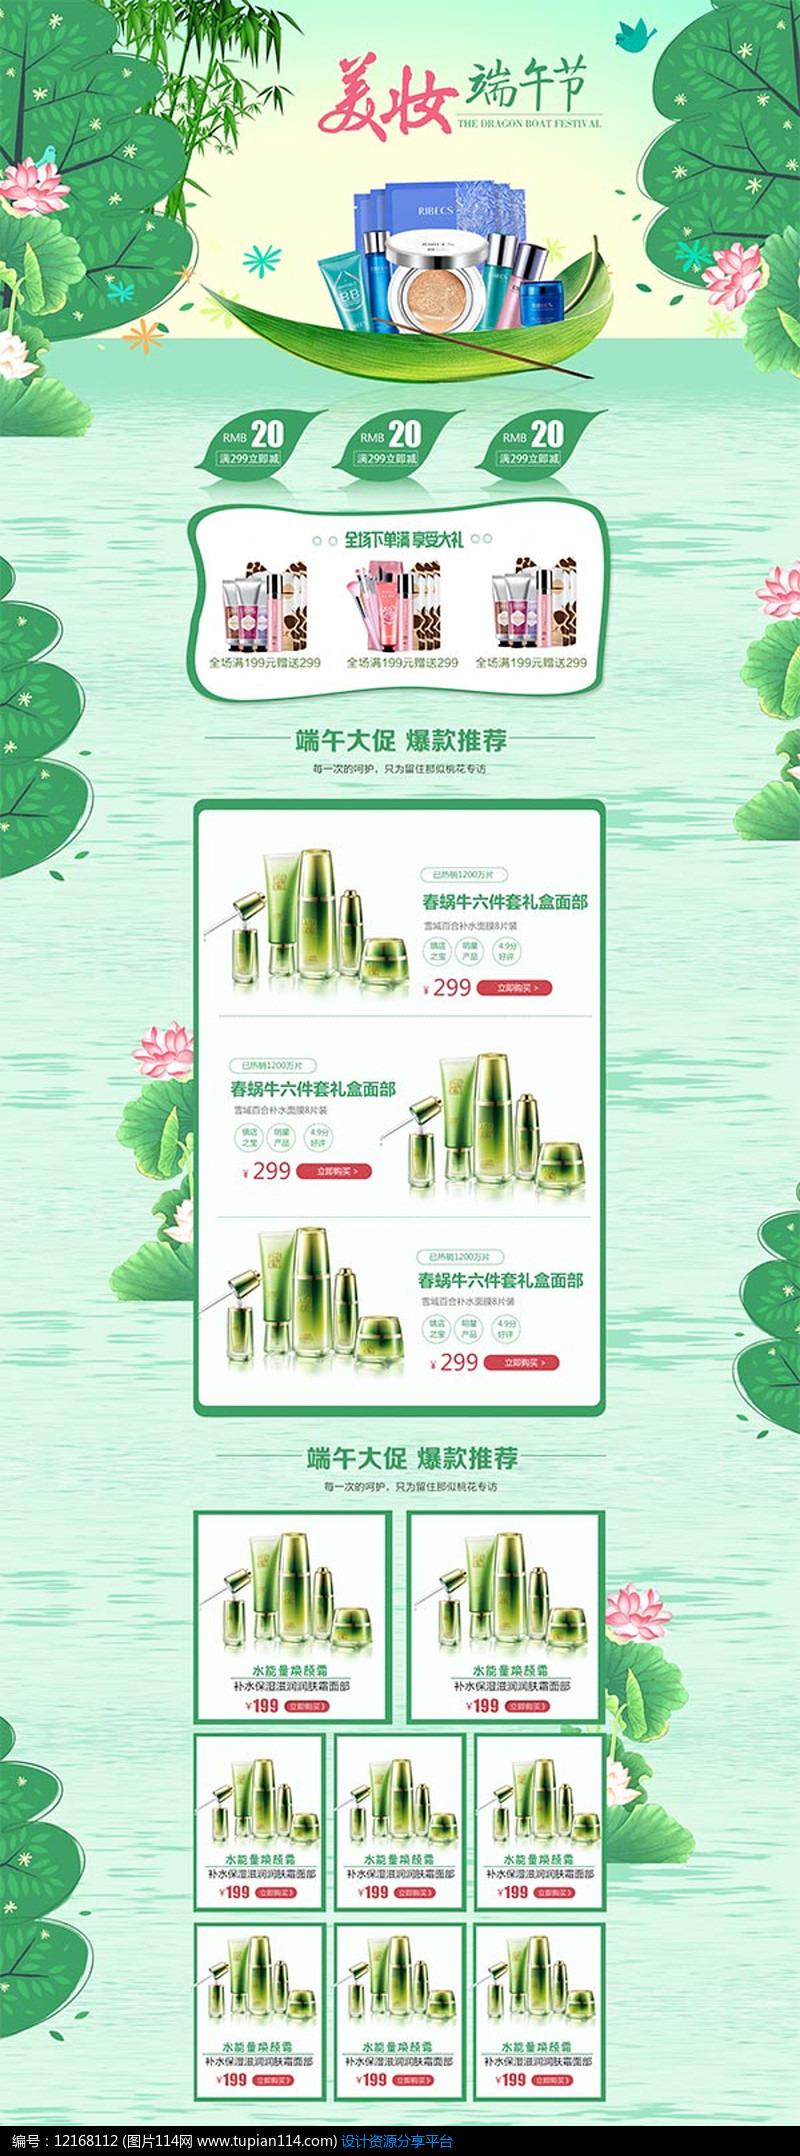 端午节化妆品淘宝宣传页